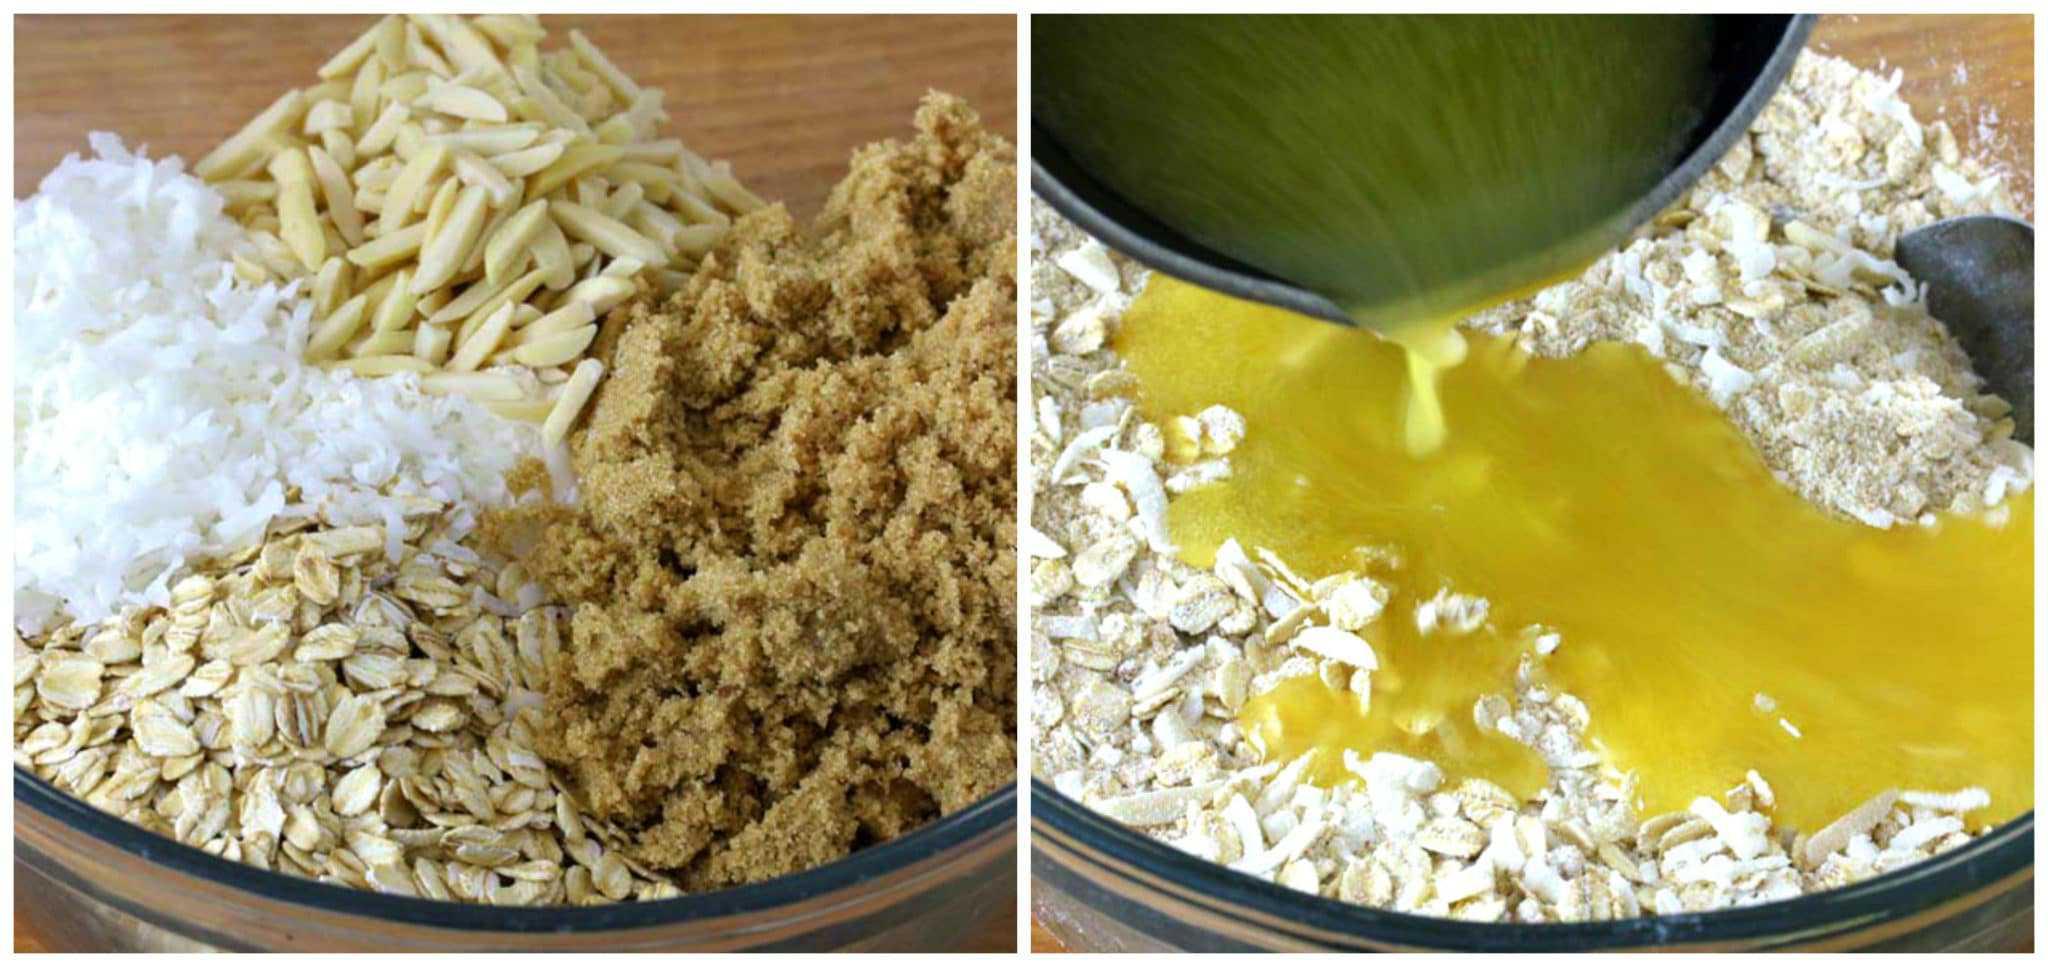 combining ingredients to make cookies